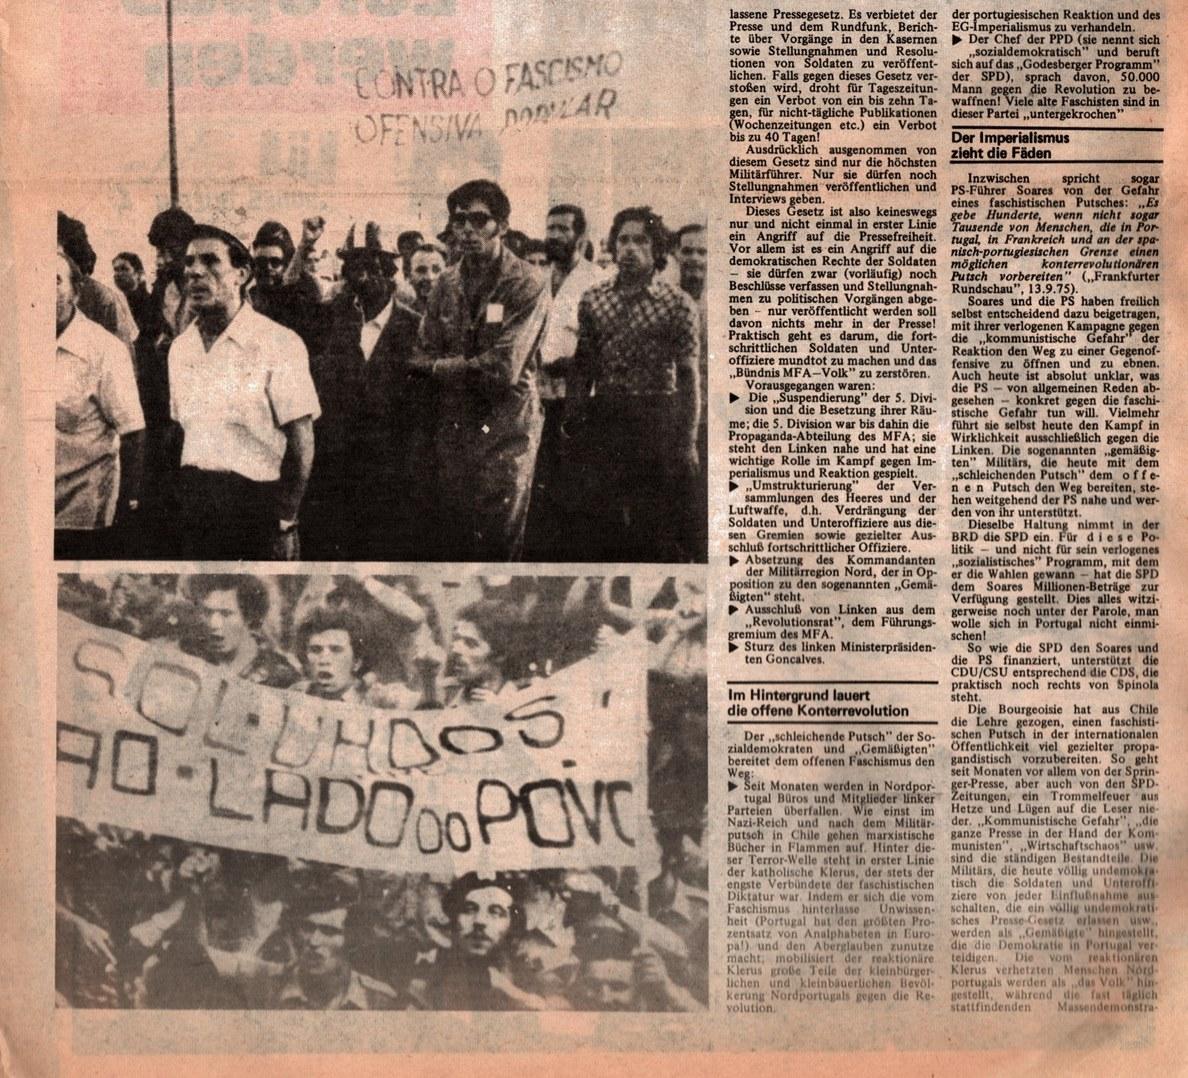 KB_AK_1975_Extra_Portugal_004